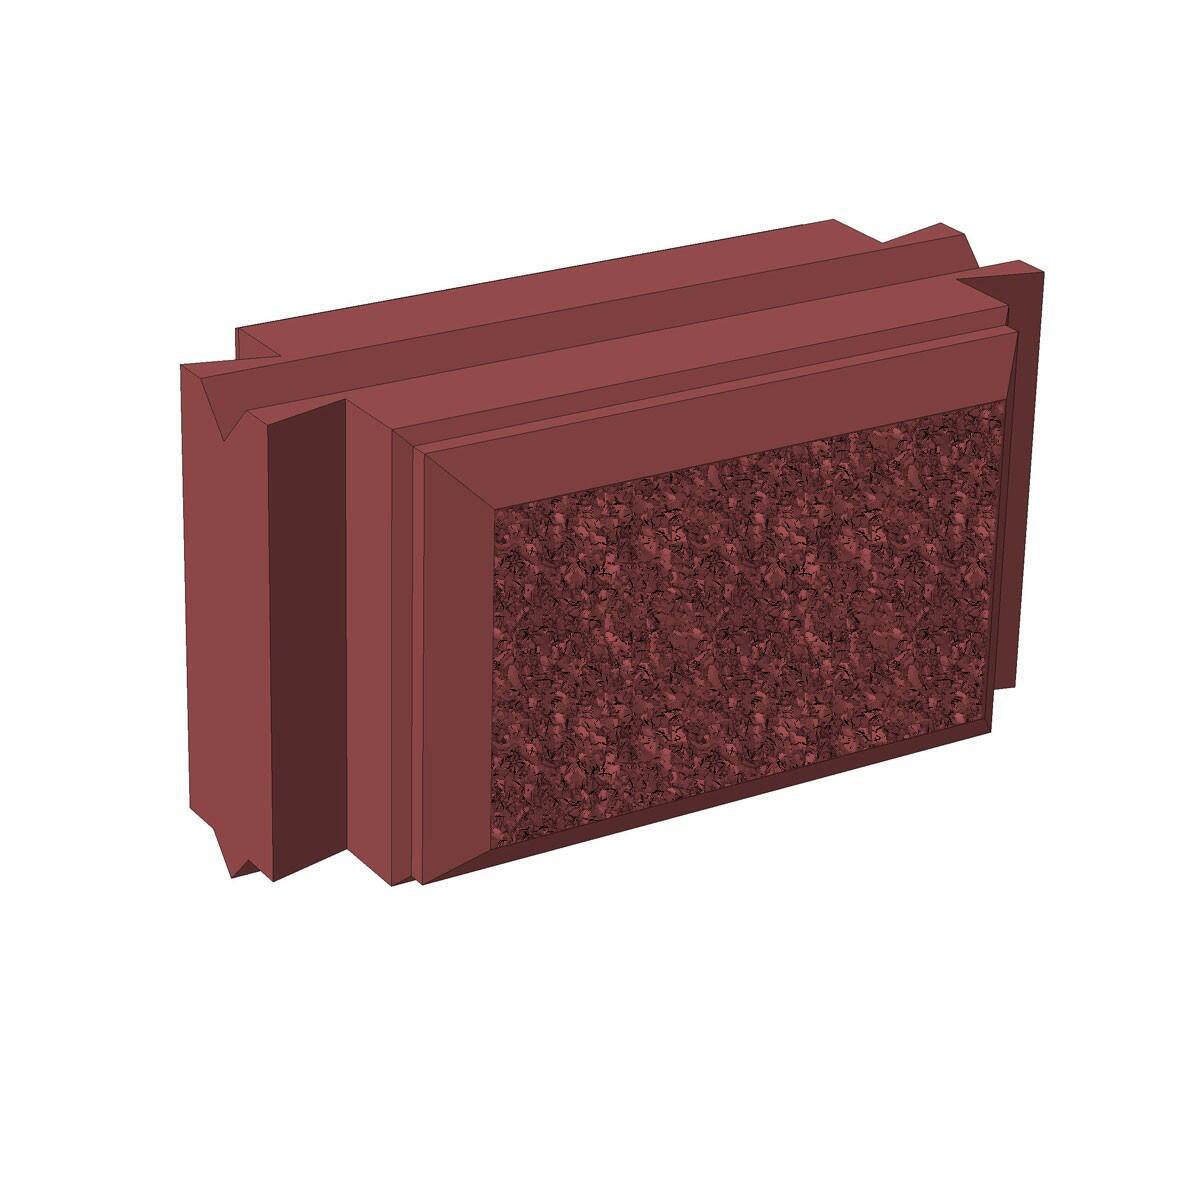 Бетонный блок Brick для забора рядовой доборный